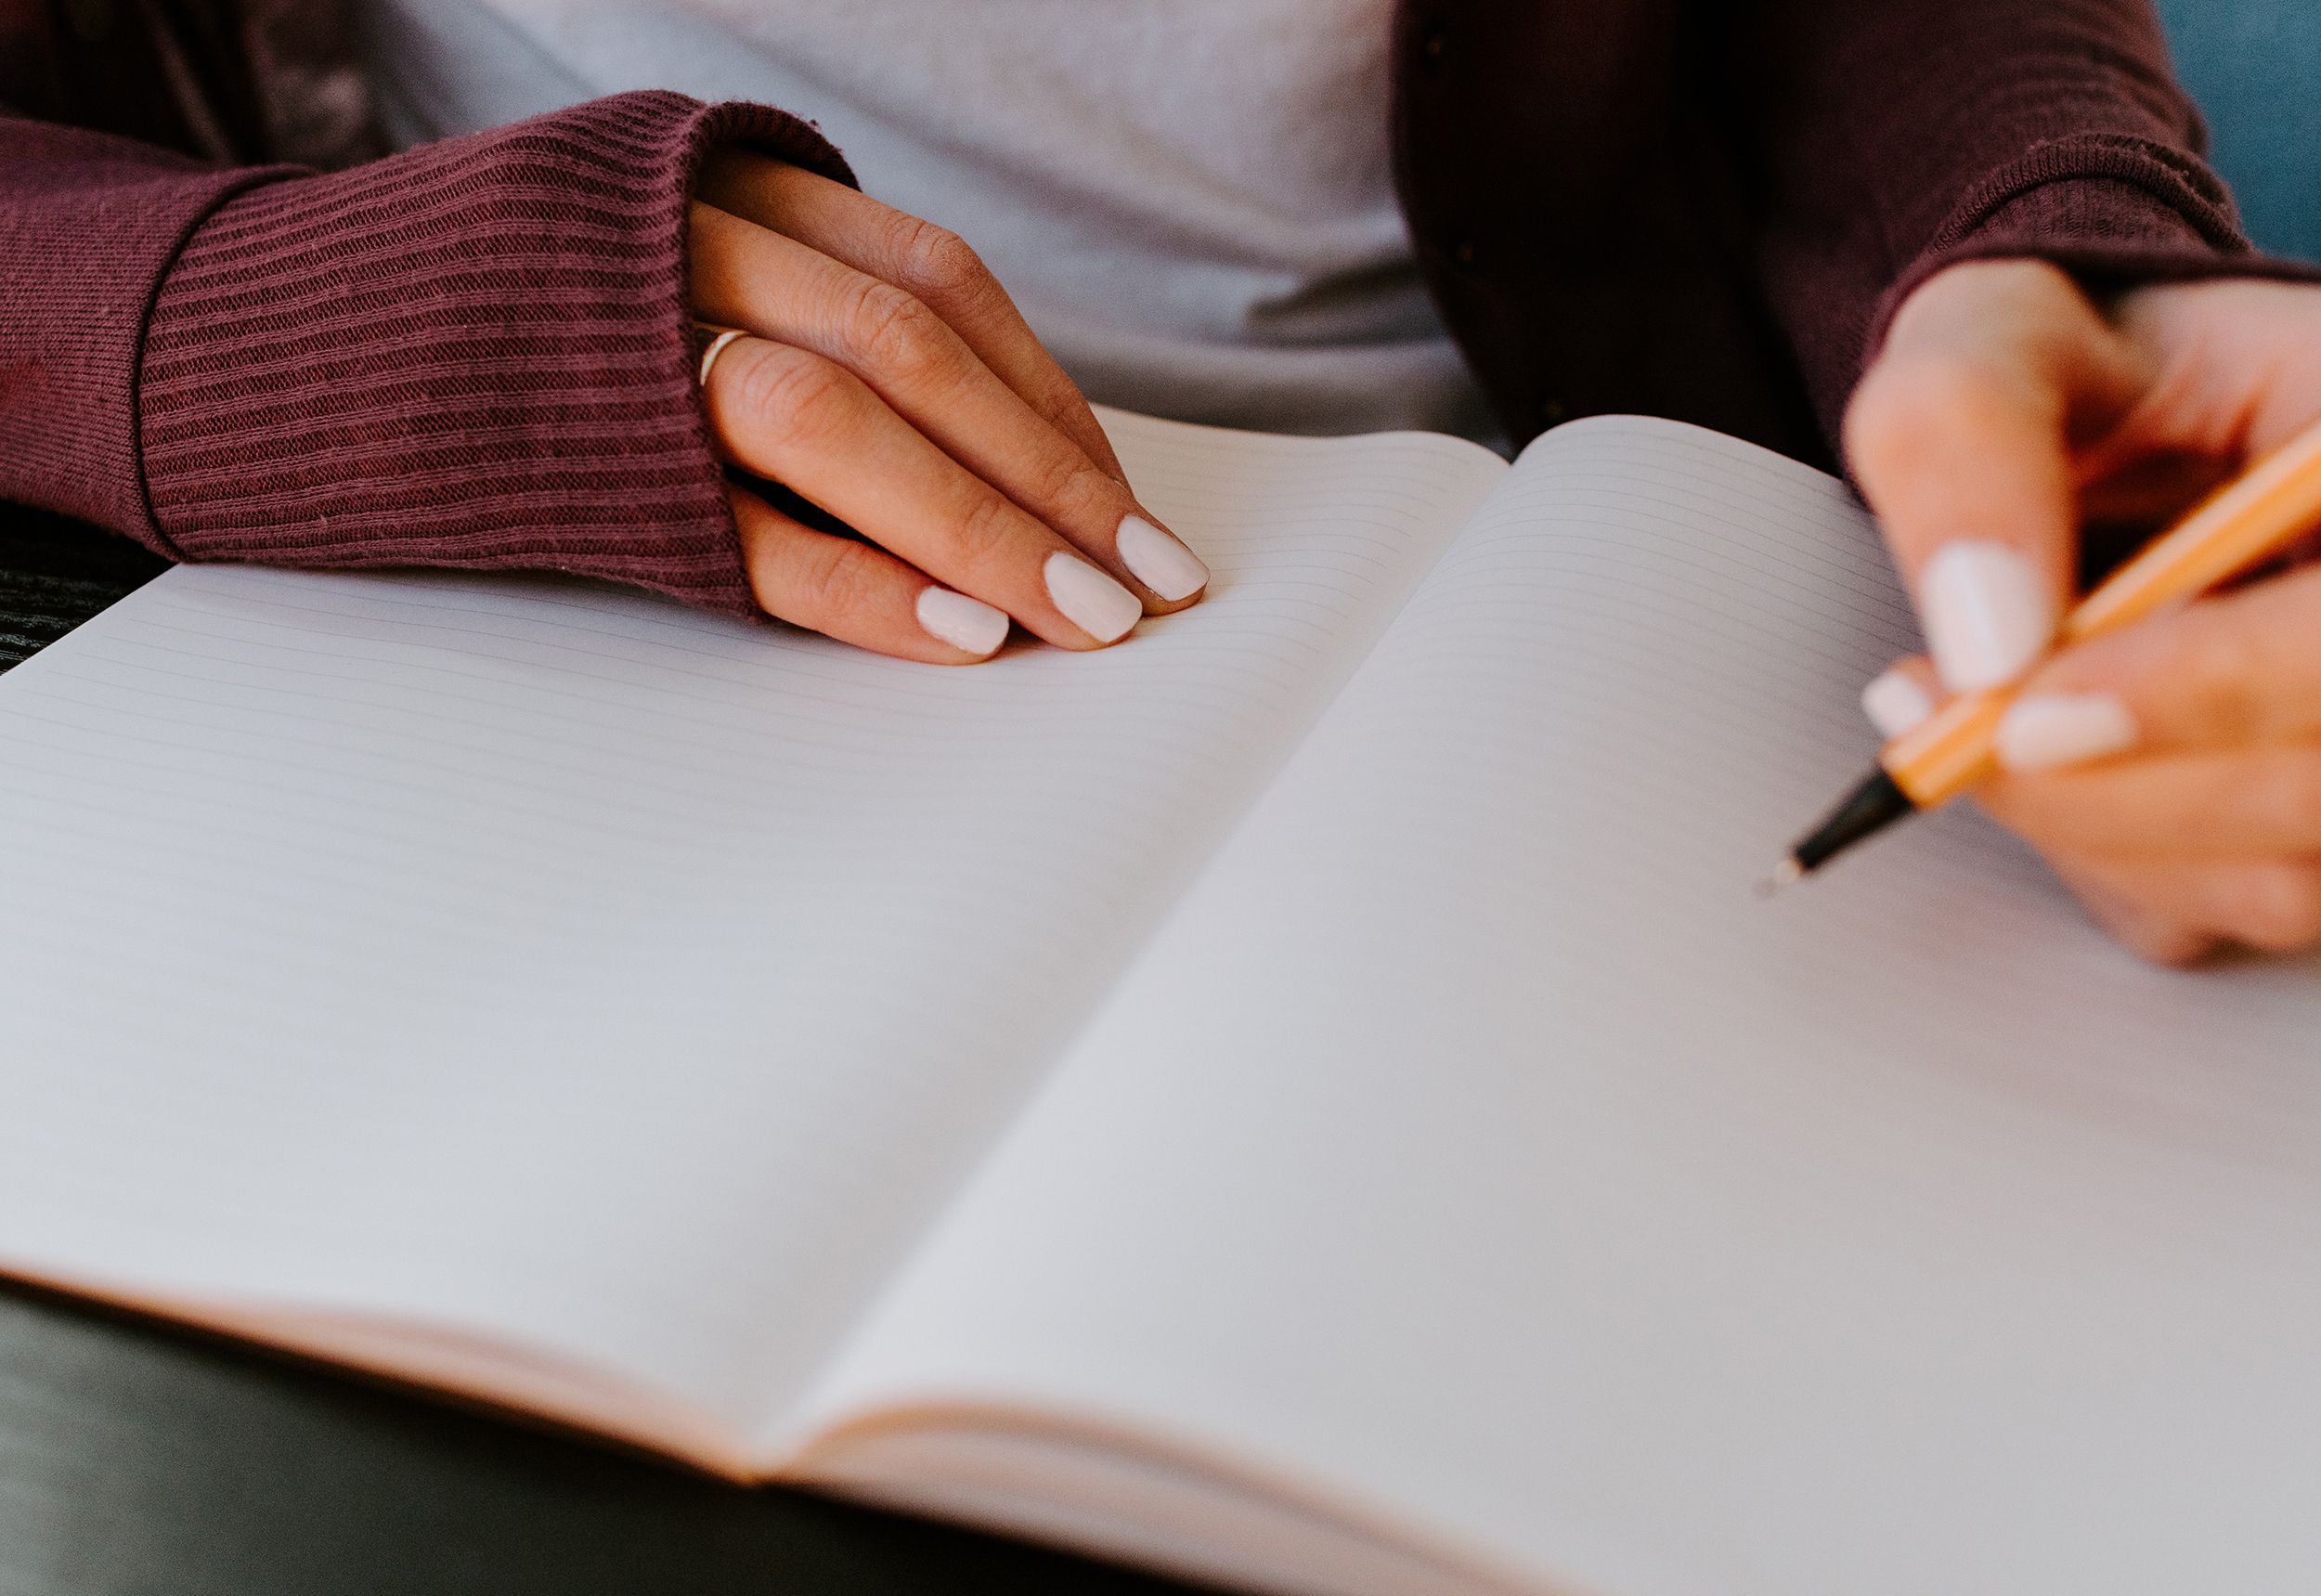 DAGBOK: Selvhjelpsøvelser kan hjelpe deg på veien mot å bli frisk. Å skrive dagbok er et godt tips. Foto; Kelly Sikkema/Unsplash